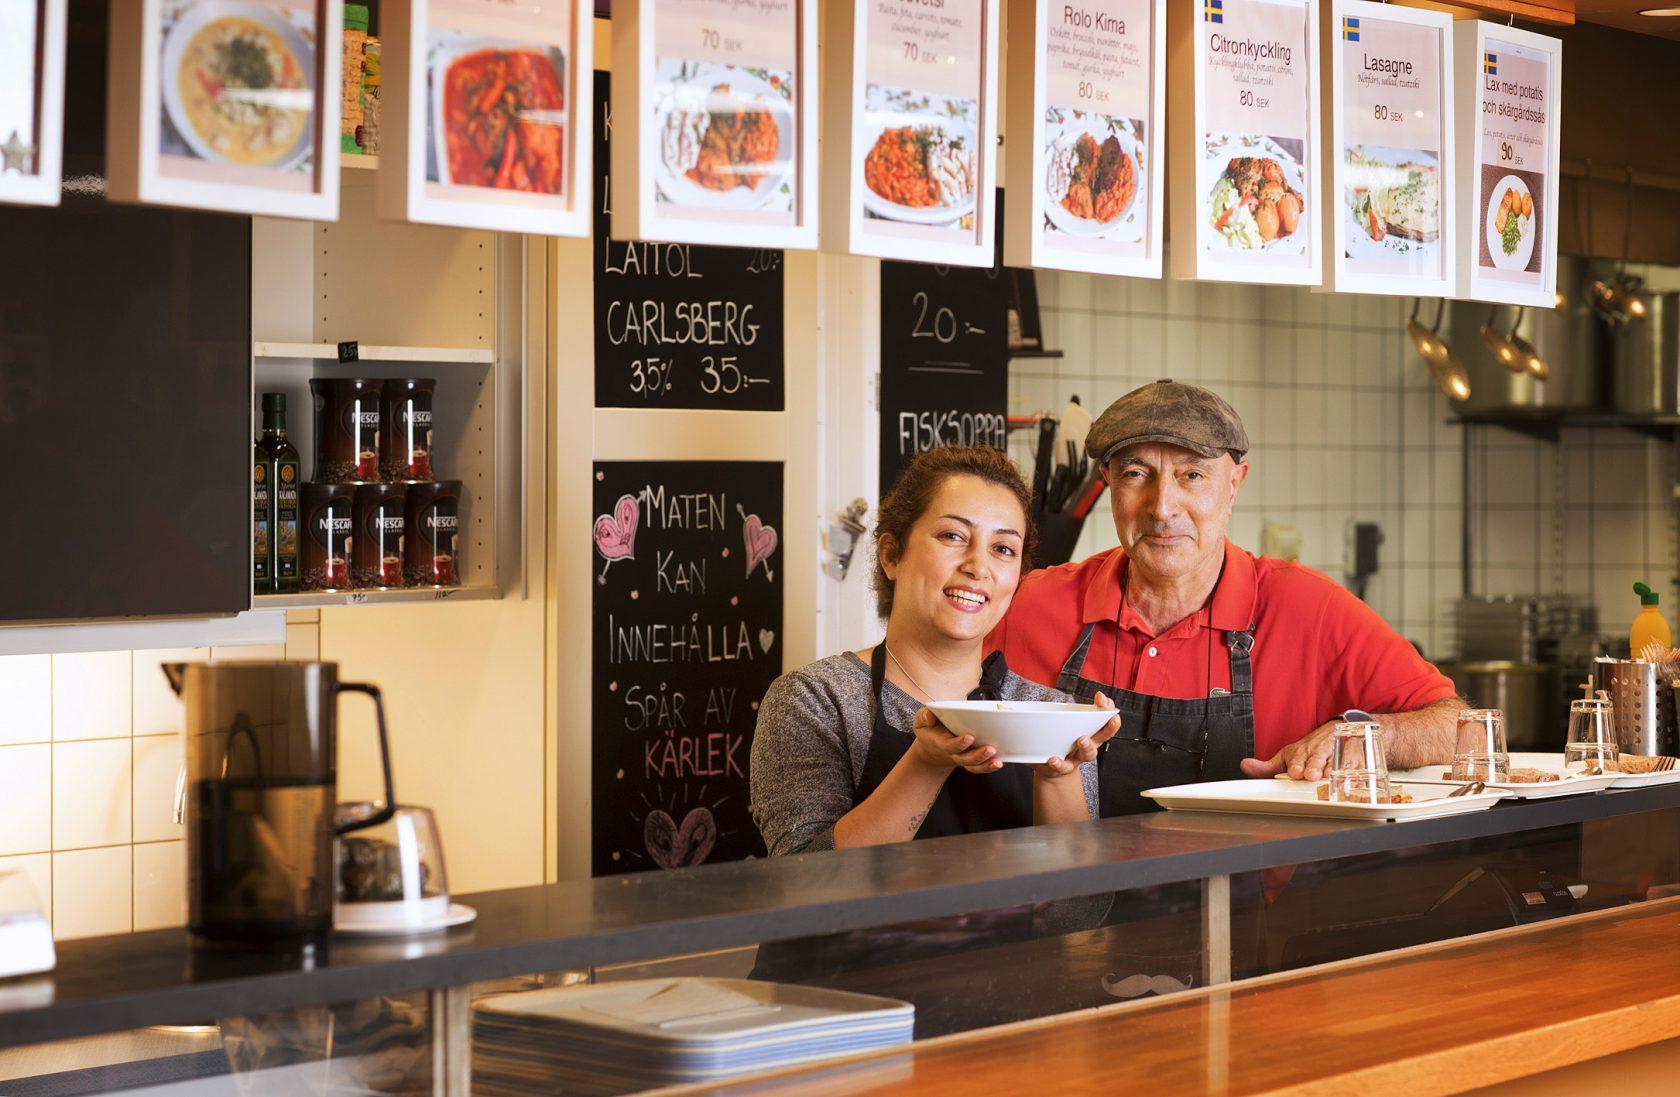 En man och en kvinna står bakom en butiksdisk med en upphälld tallrik soppa.